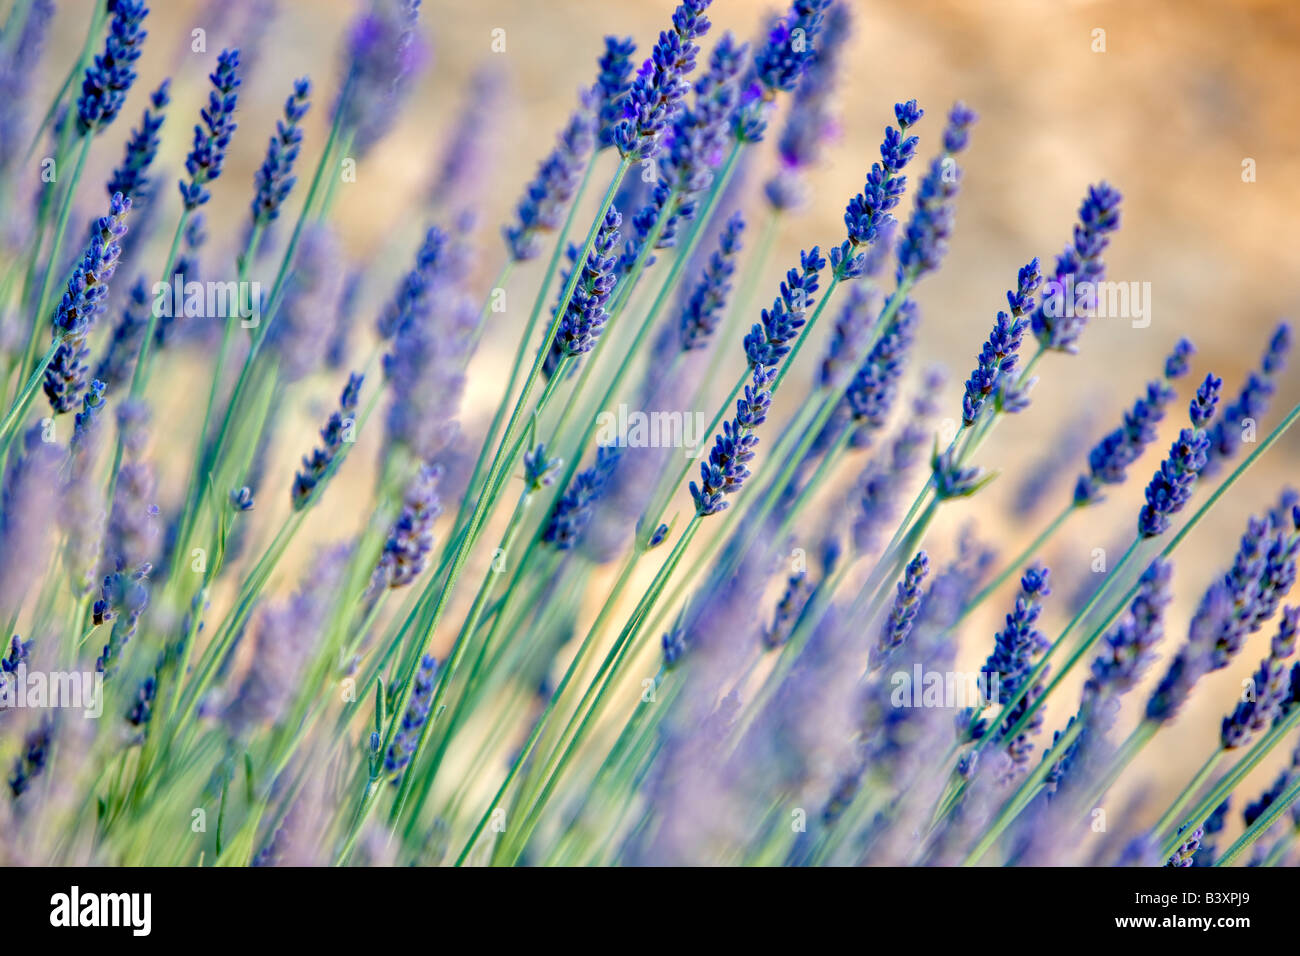 Close up of lavender plant Washington - Stock Image